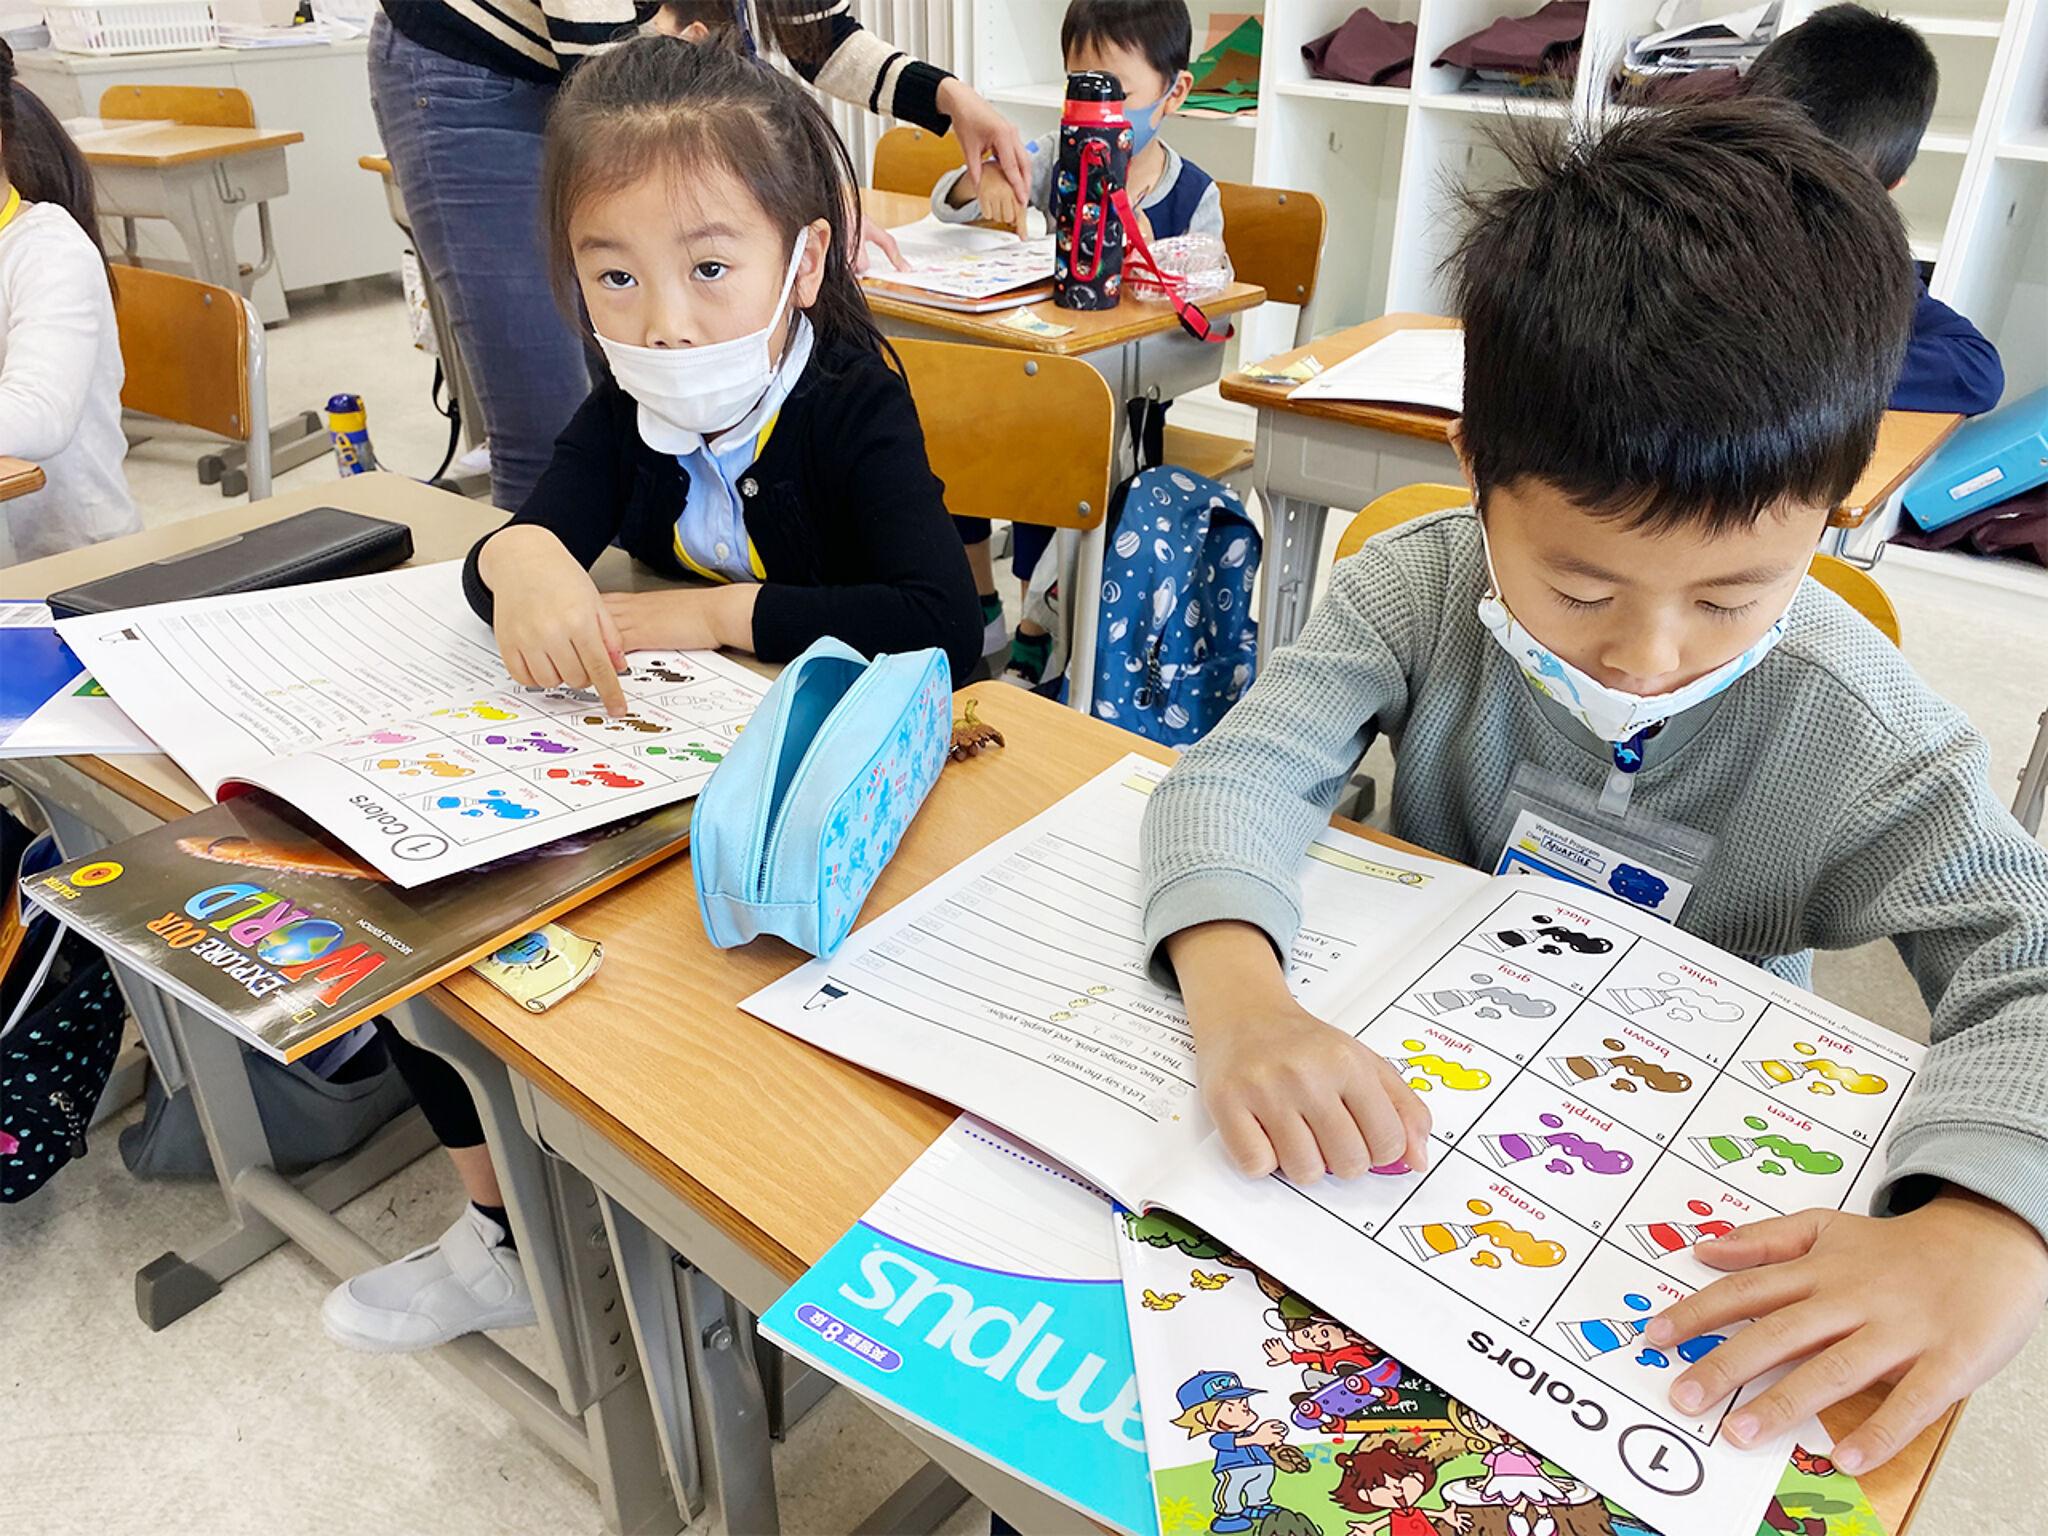 男女2人の子どもが机を並べてテキストを指さし発音の練習をしている様子